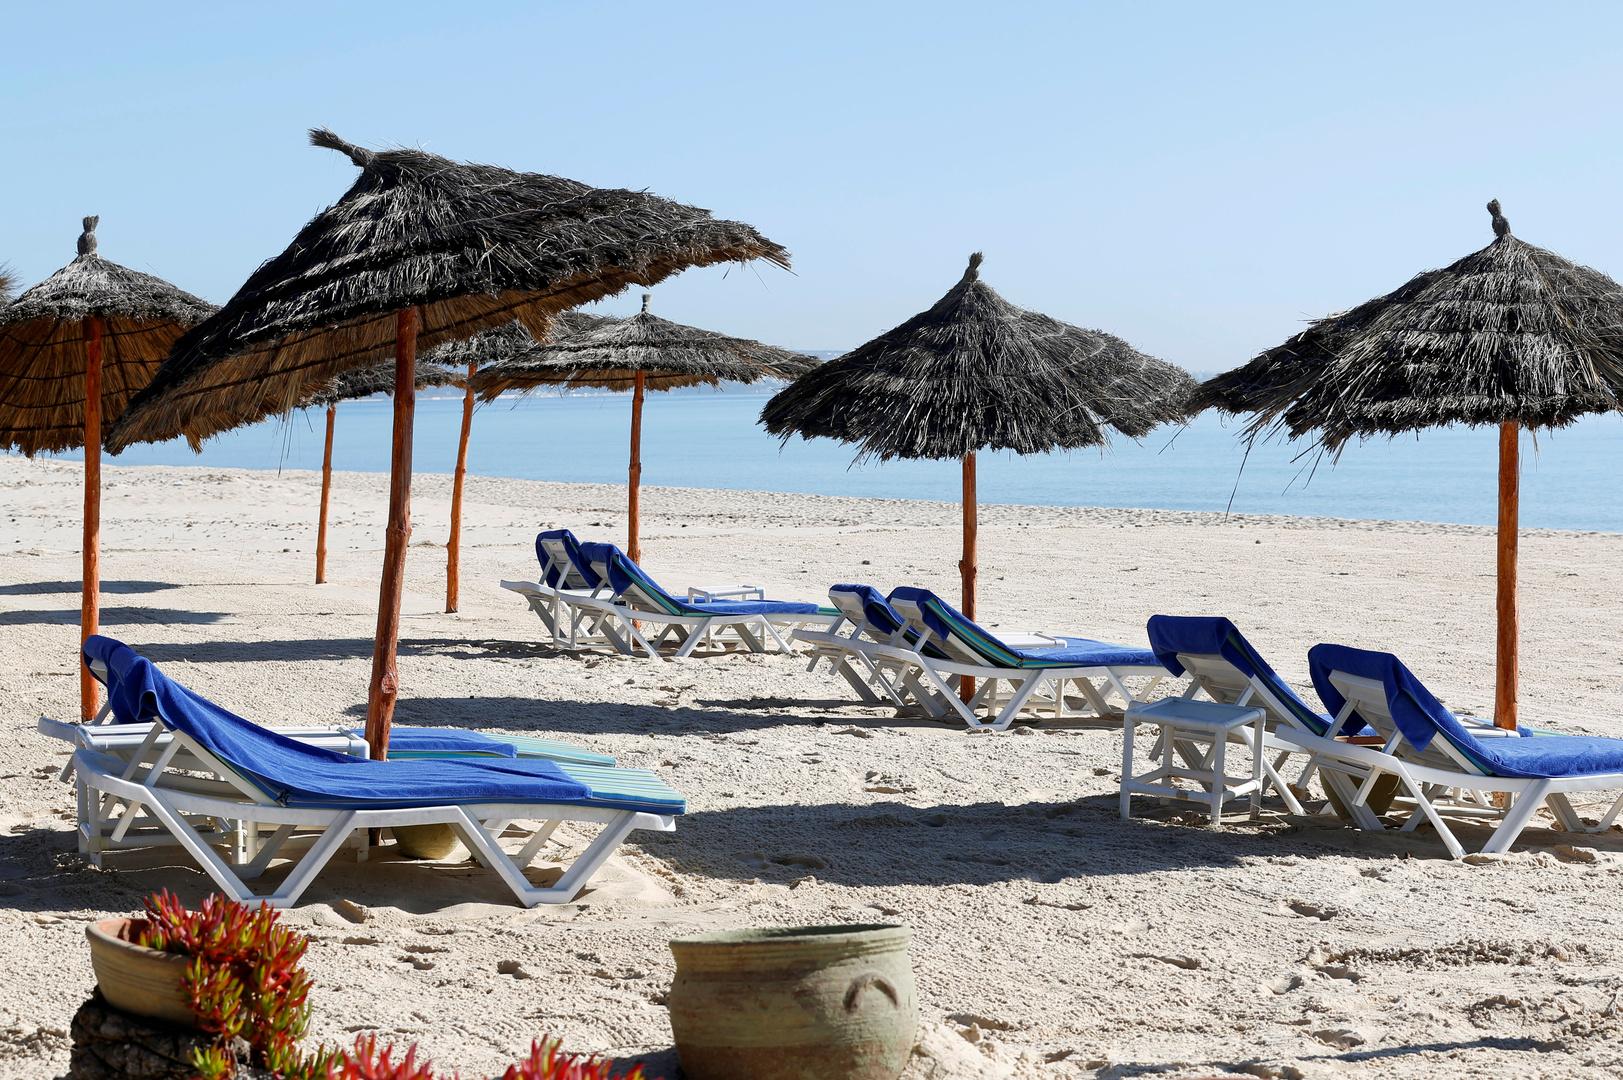 تونس تنشر قائمة الدول الملزمين القادمين منها بفحص كورونا